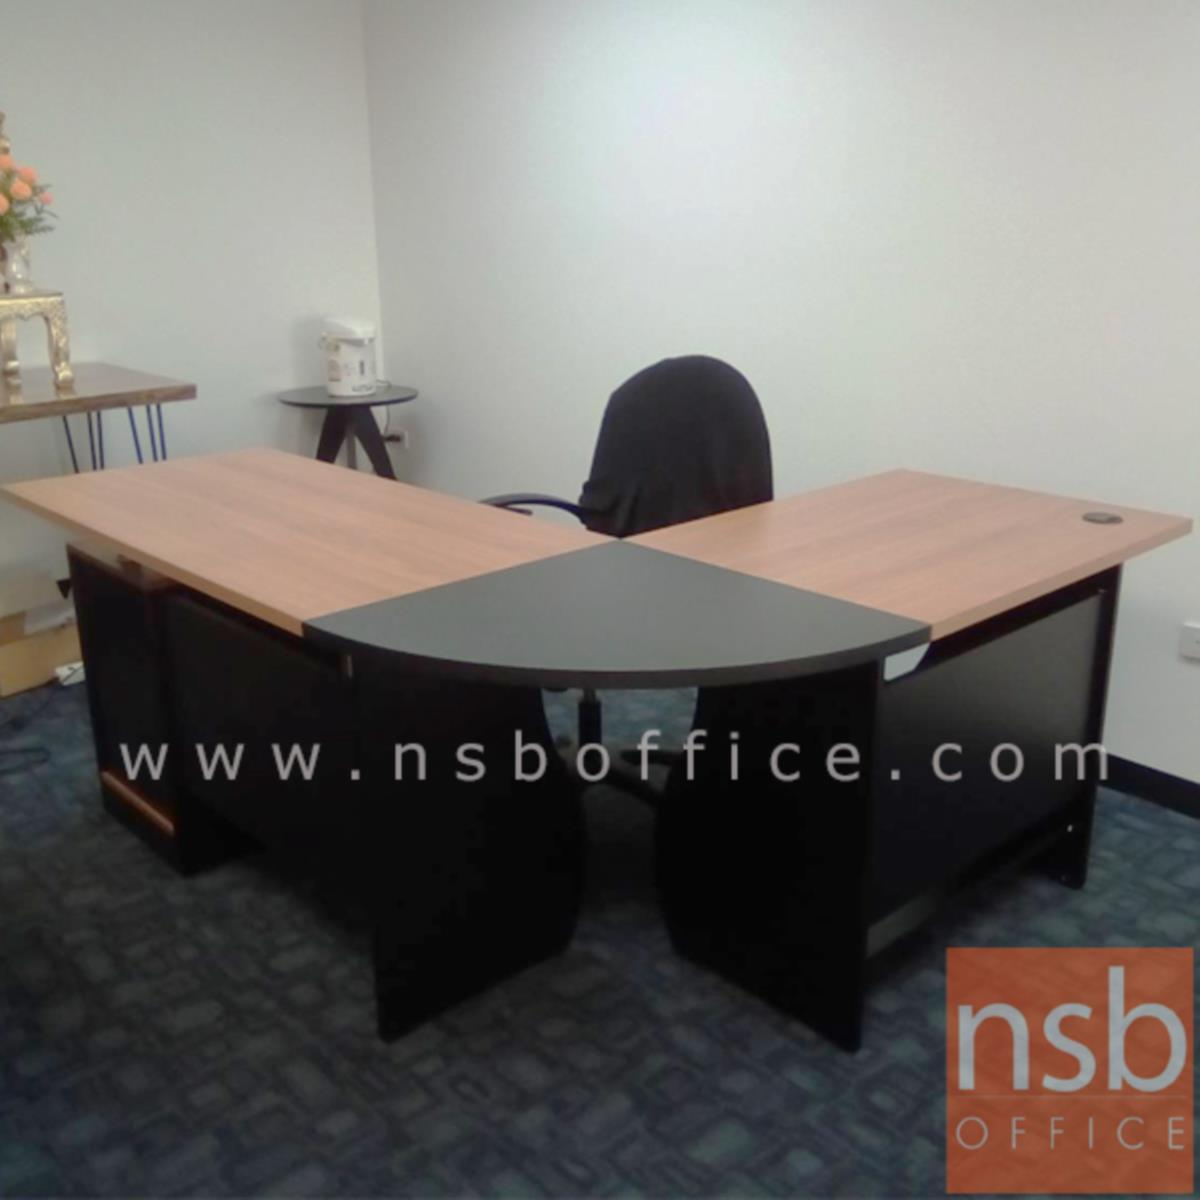 โต๊ะผู้บริหารตัวแอลหัวโค้ง 1 ลิ้นชัก 1 บานเปิด รุ่น Metallique (เมทอลลิก) ขนาด 180W1*140W2 cm.  เมลามีน สีเชอร์รี่ดำ